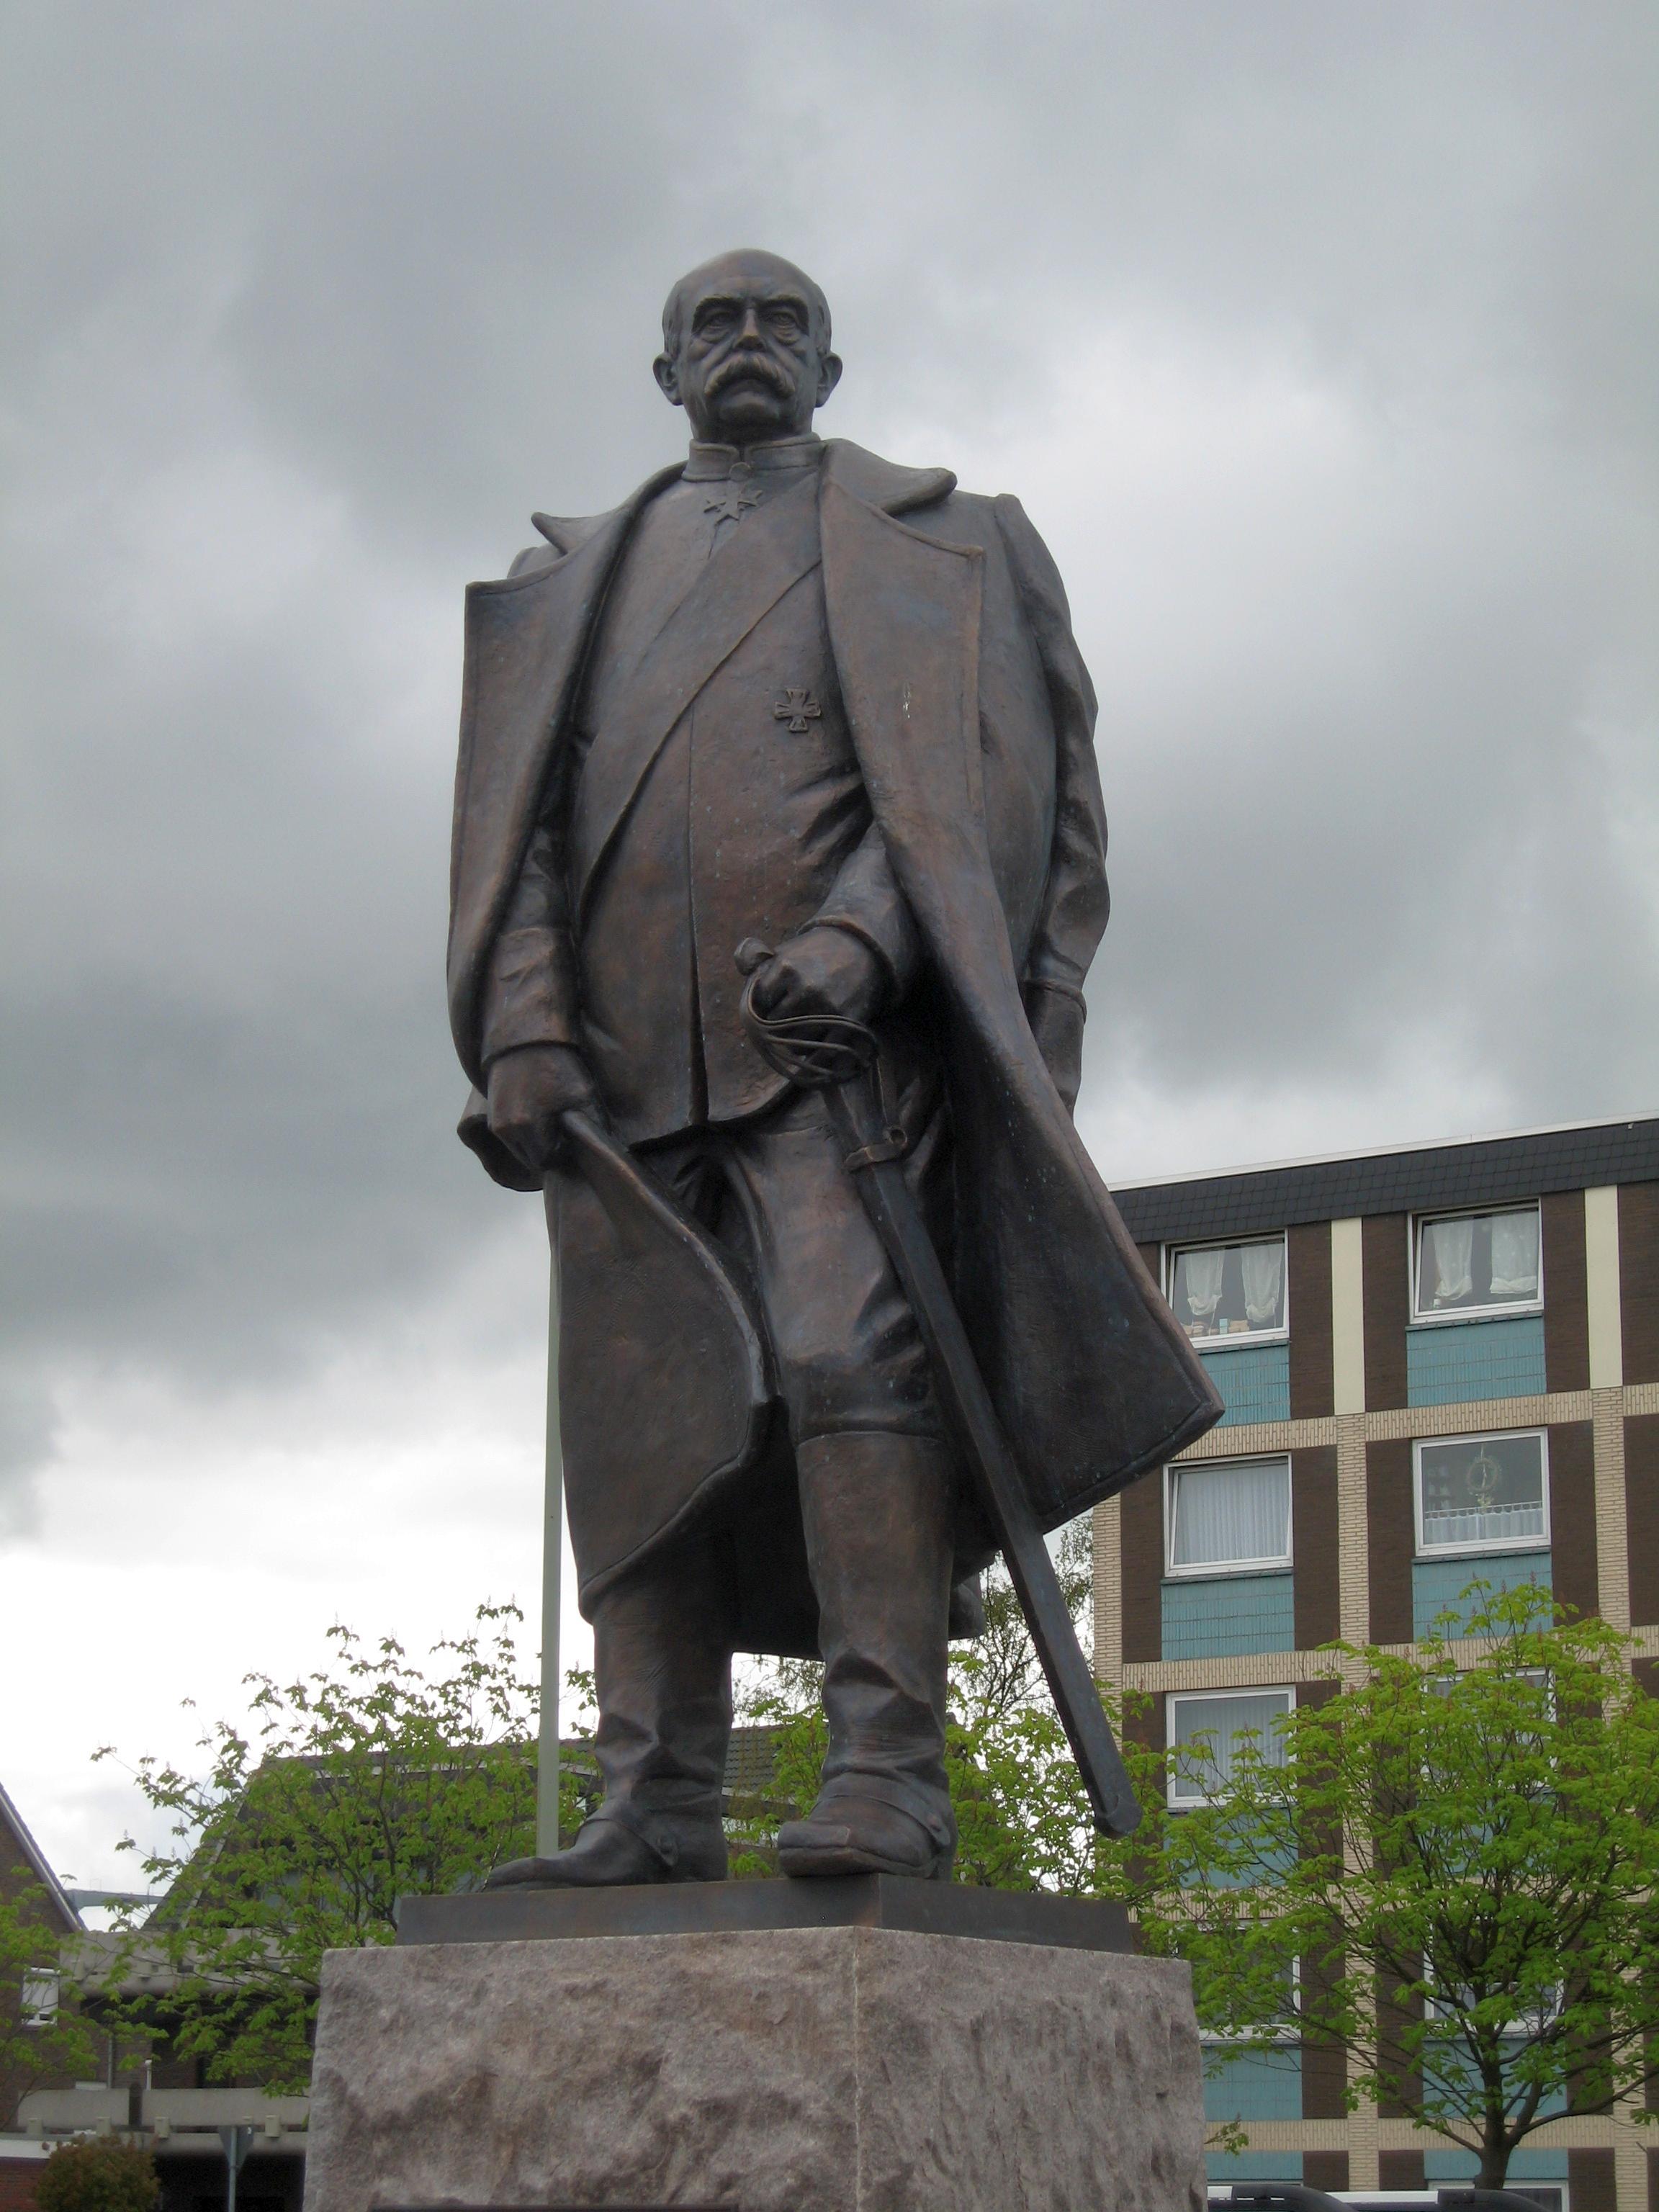 Bismarck Denkmal Wilhelmshaven File:bismarck-denkmal